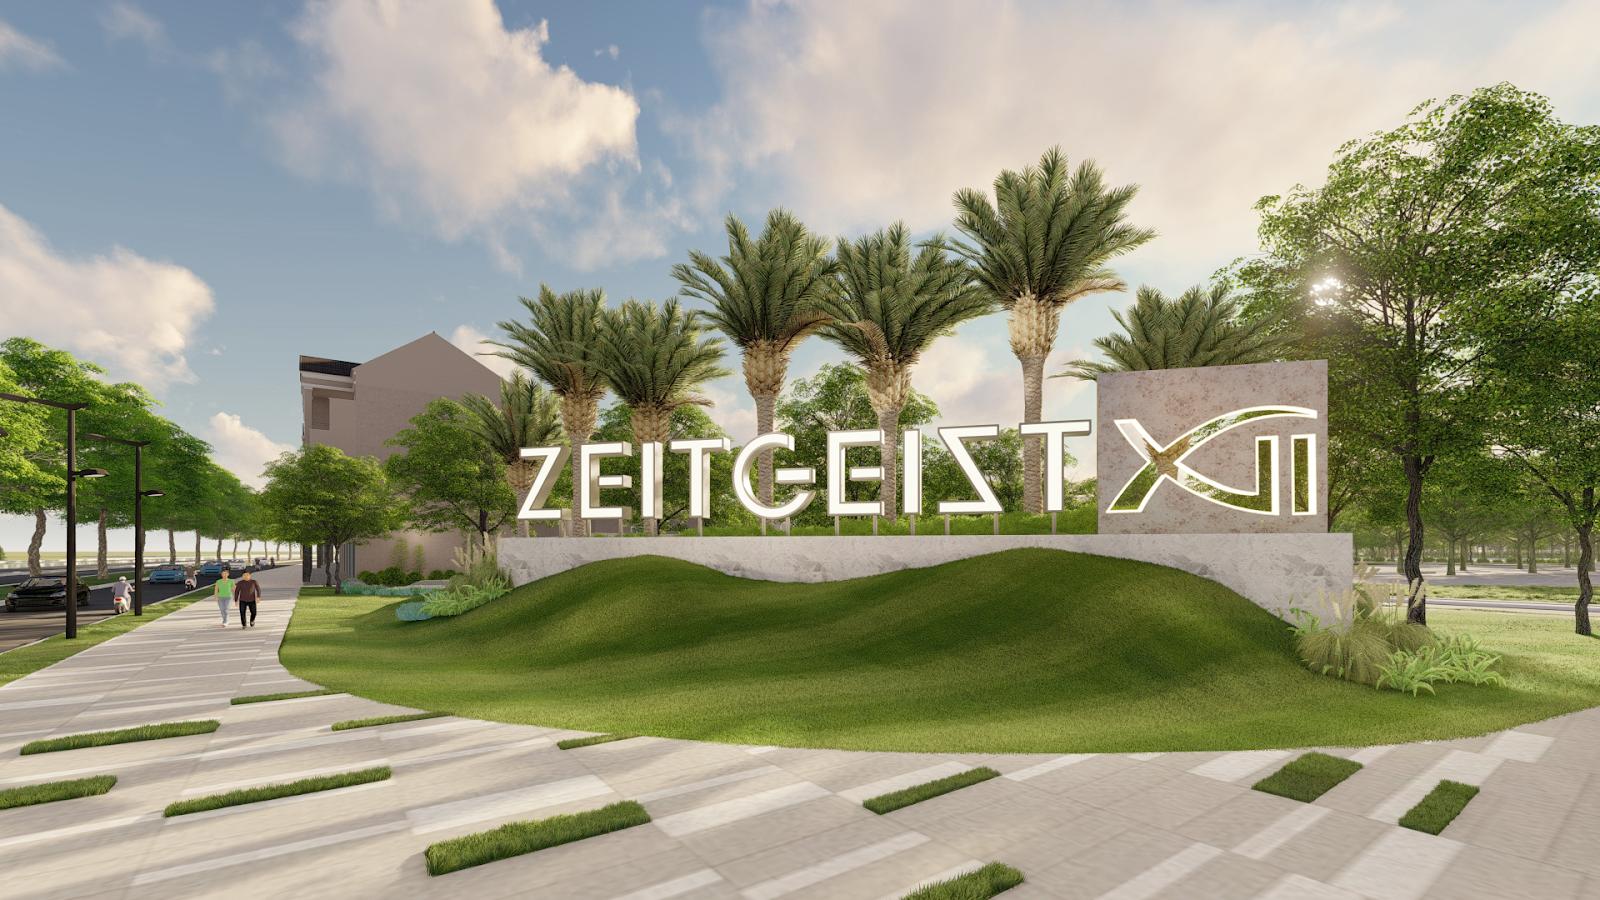 Xi Ai là hệ thống quản lý nhà thông minh của khu đô thị Zeitgeist Nhà Bè